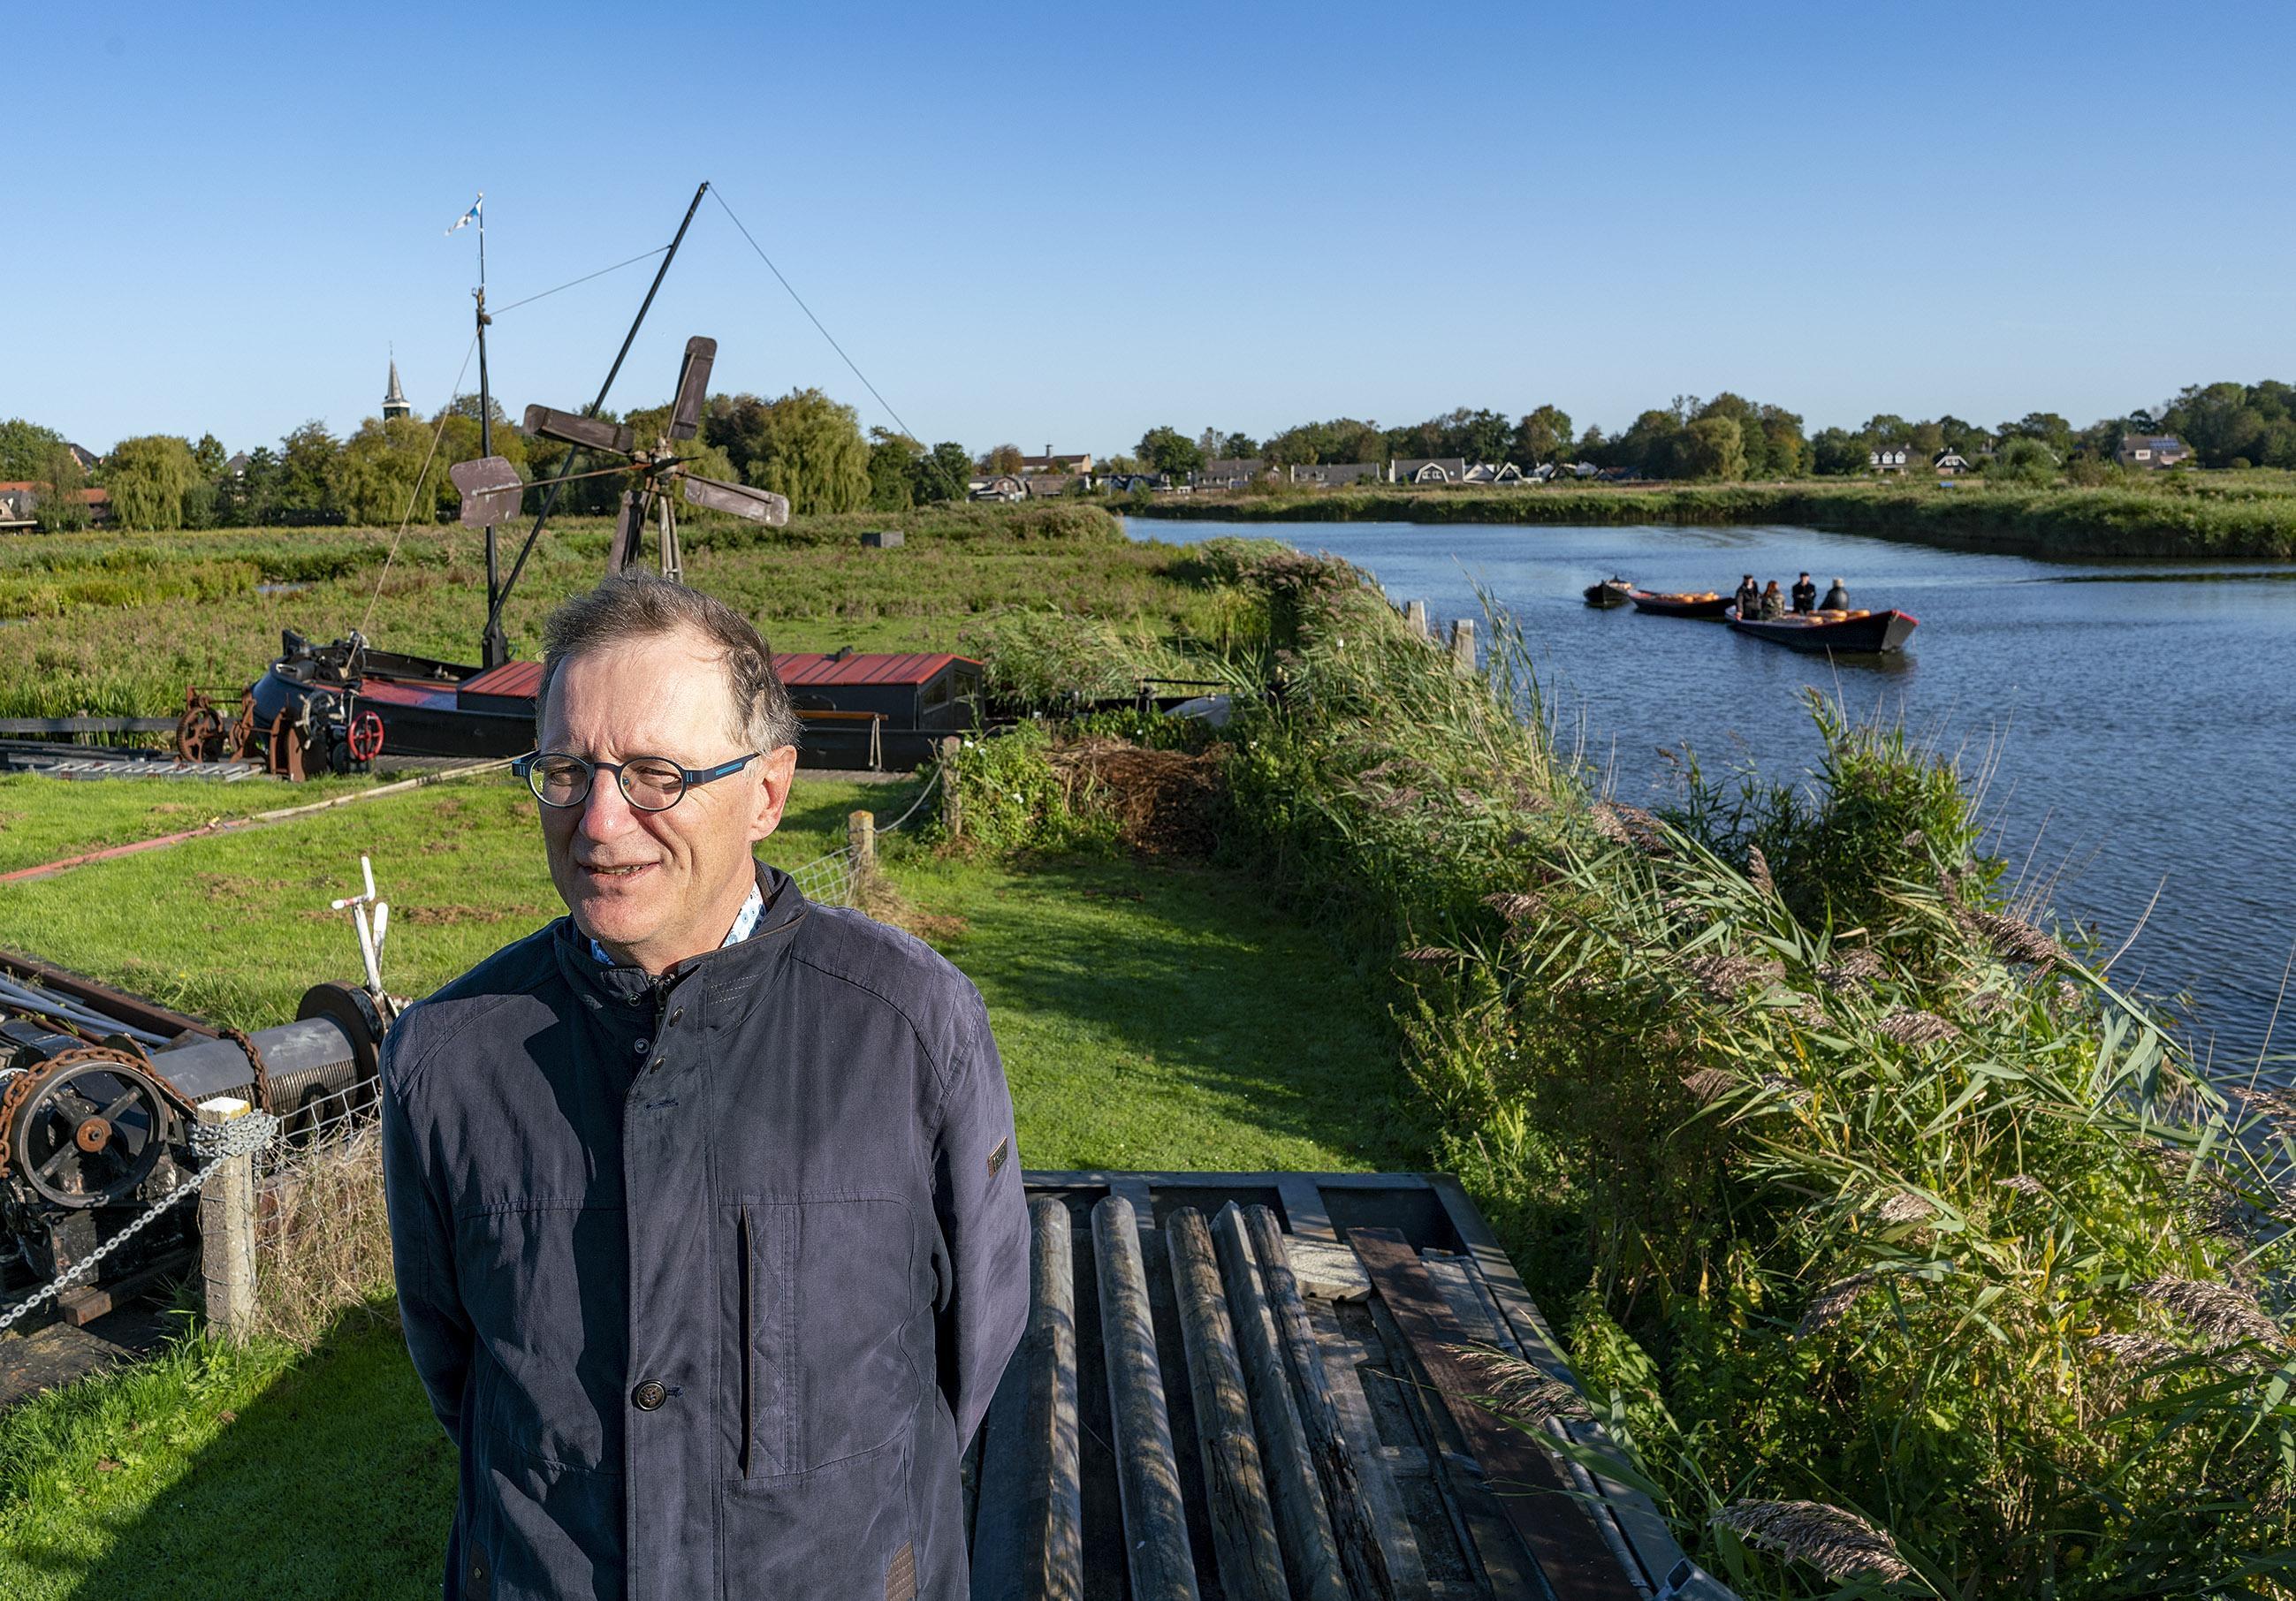 Wie stopt de rivierkreeft? De Oosterdel dreigt zo maar in het water weg te zakken, waarschuwt Alkmaarse bioloog